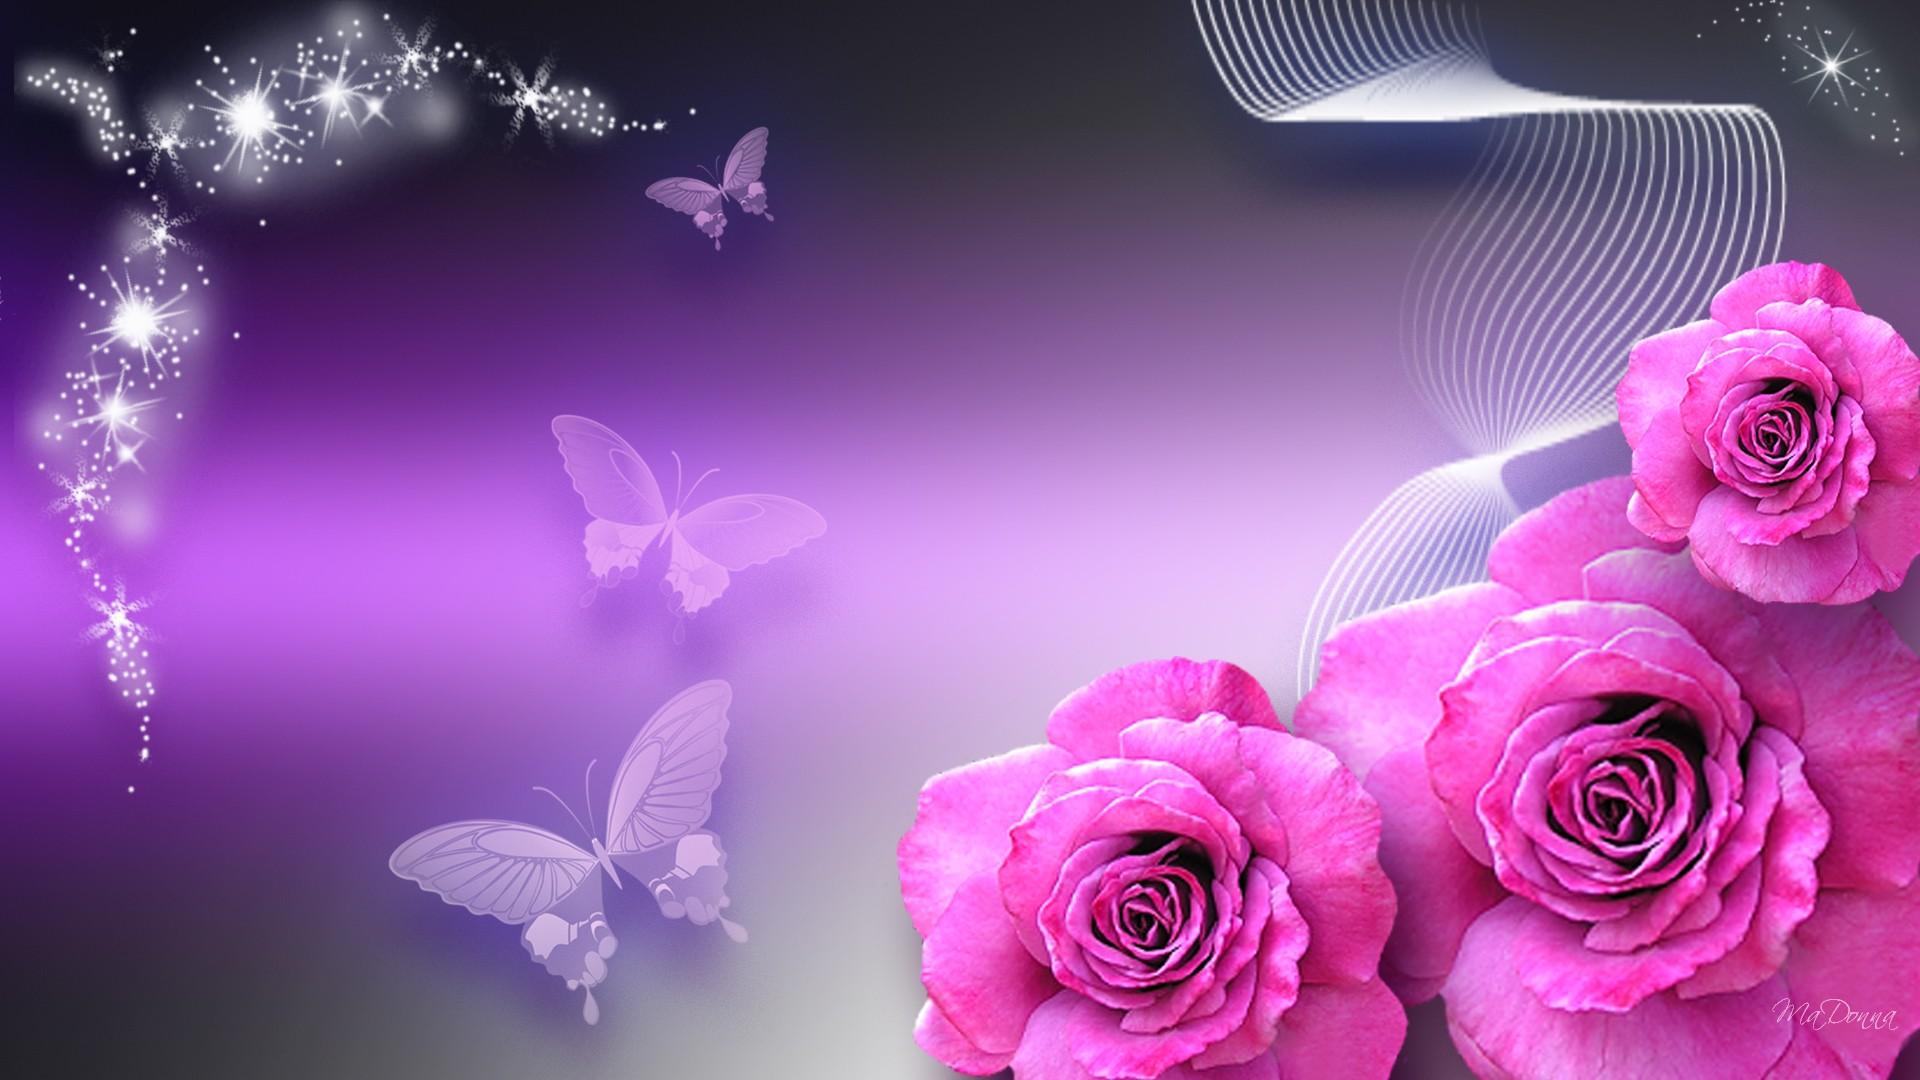 d wallpaper hd rose fond ecran hd